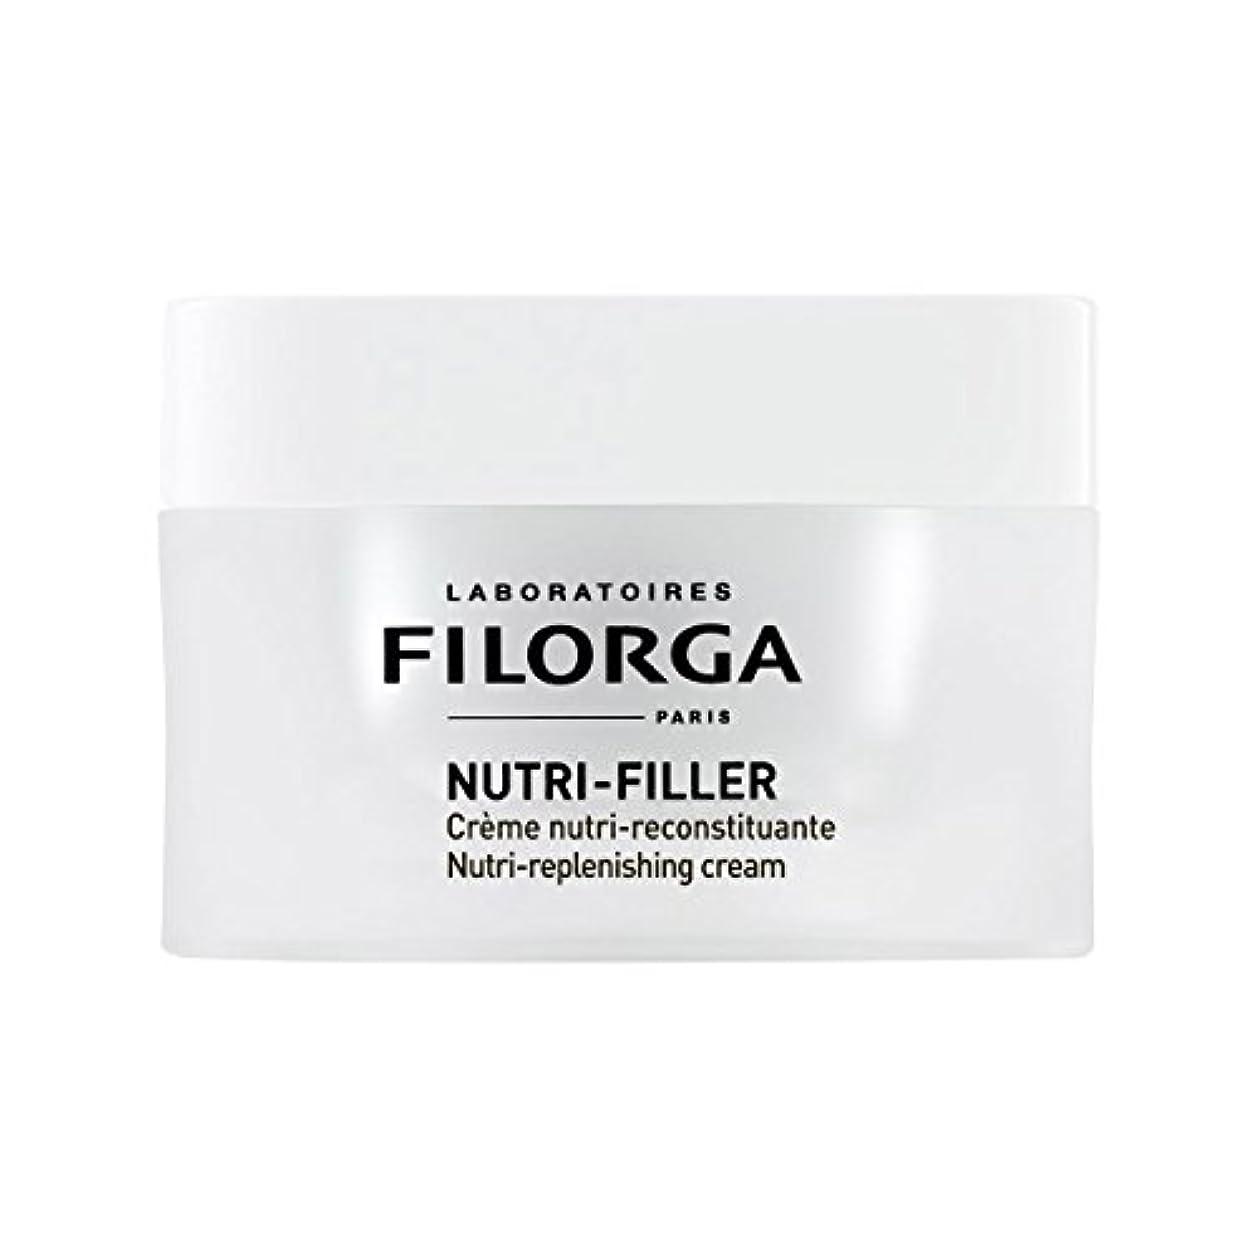 エントリメルボルン遠征Filorga Nutri-filler Nutri-replenishing Cream 50ml [並行輸入品]